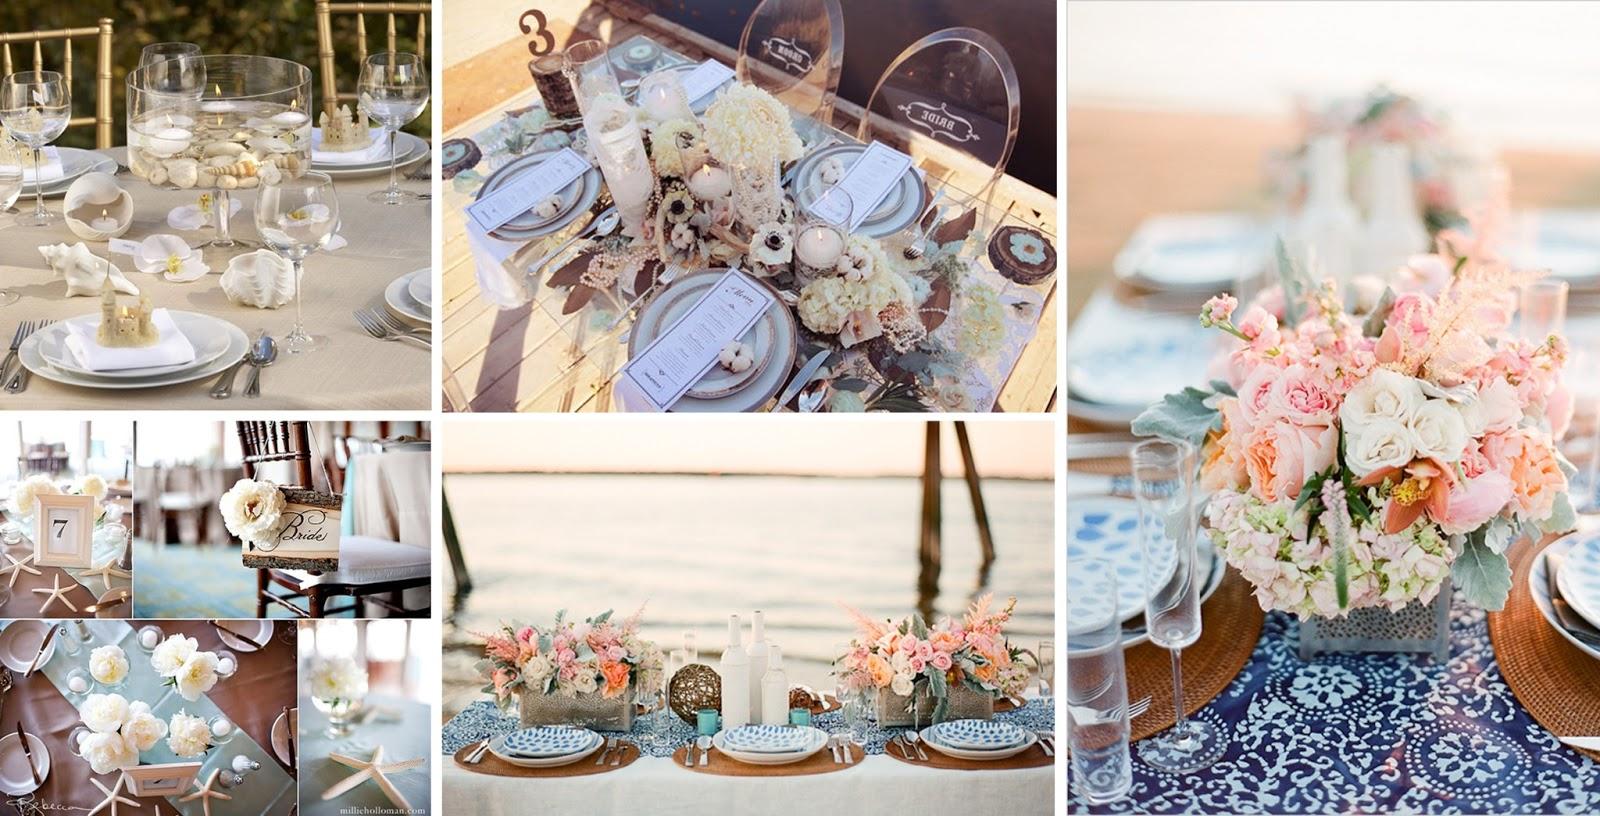 Eventos esencia bodas en la playa for Decoracion en bodas 2016